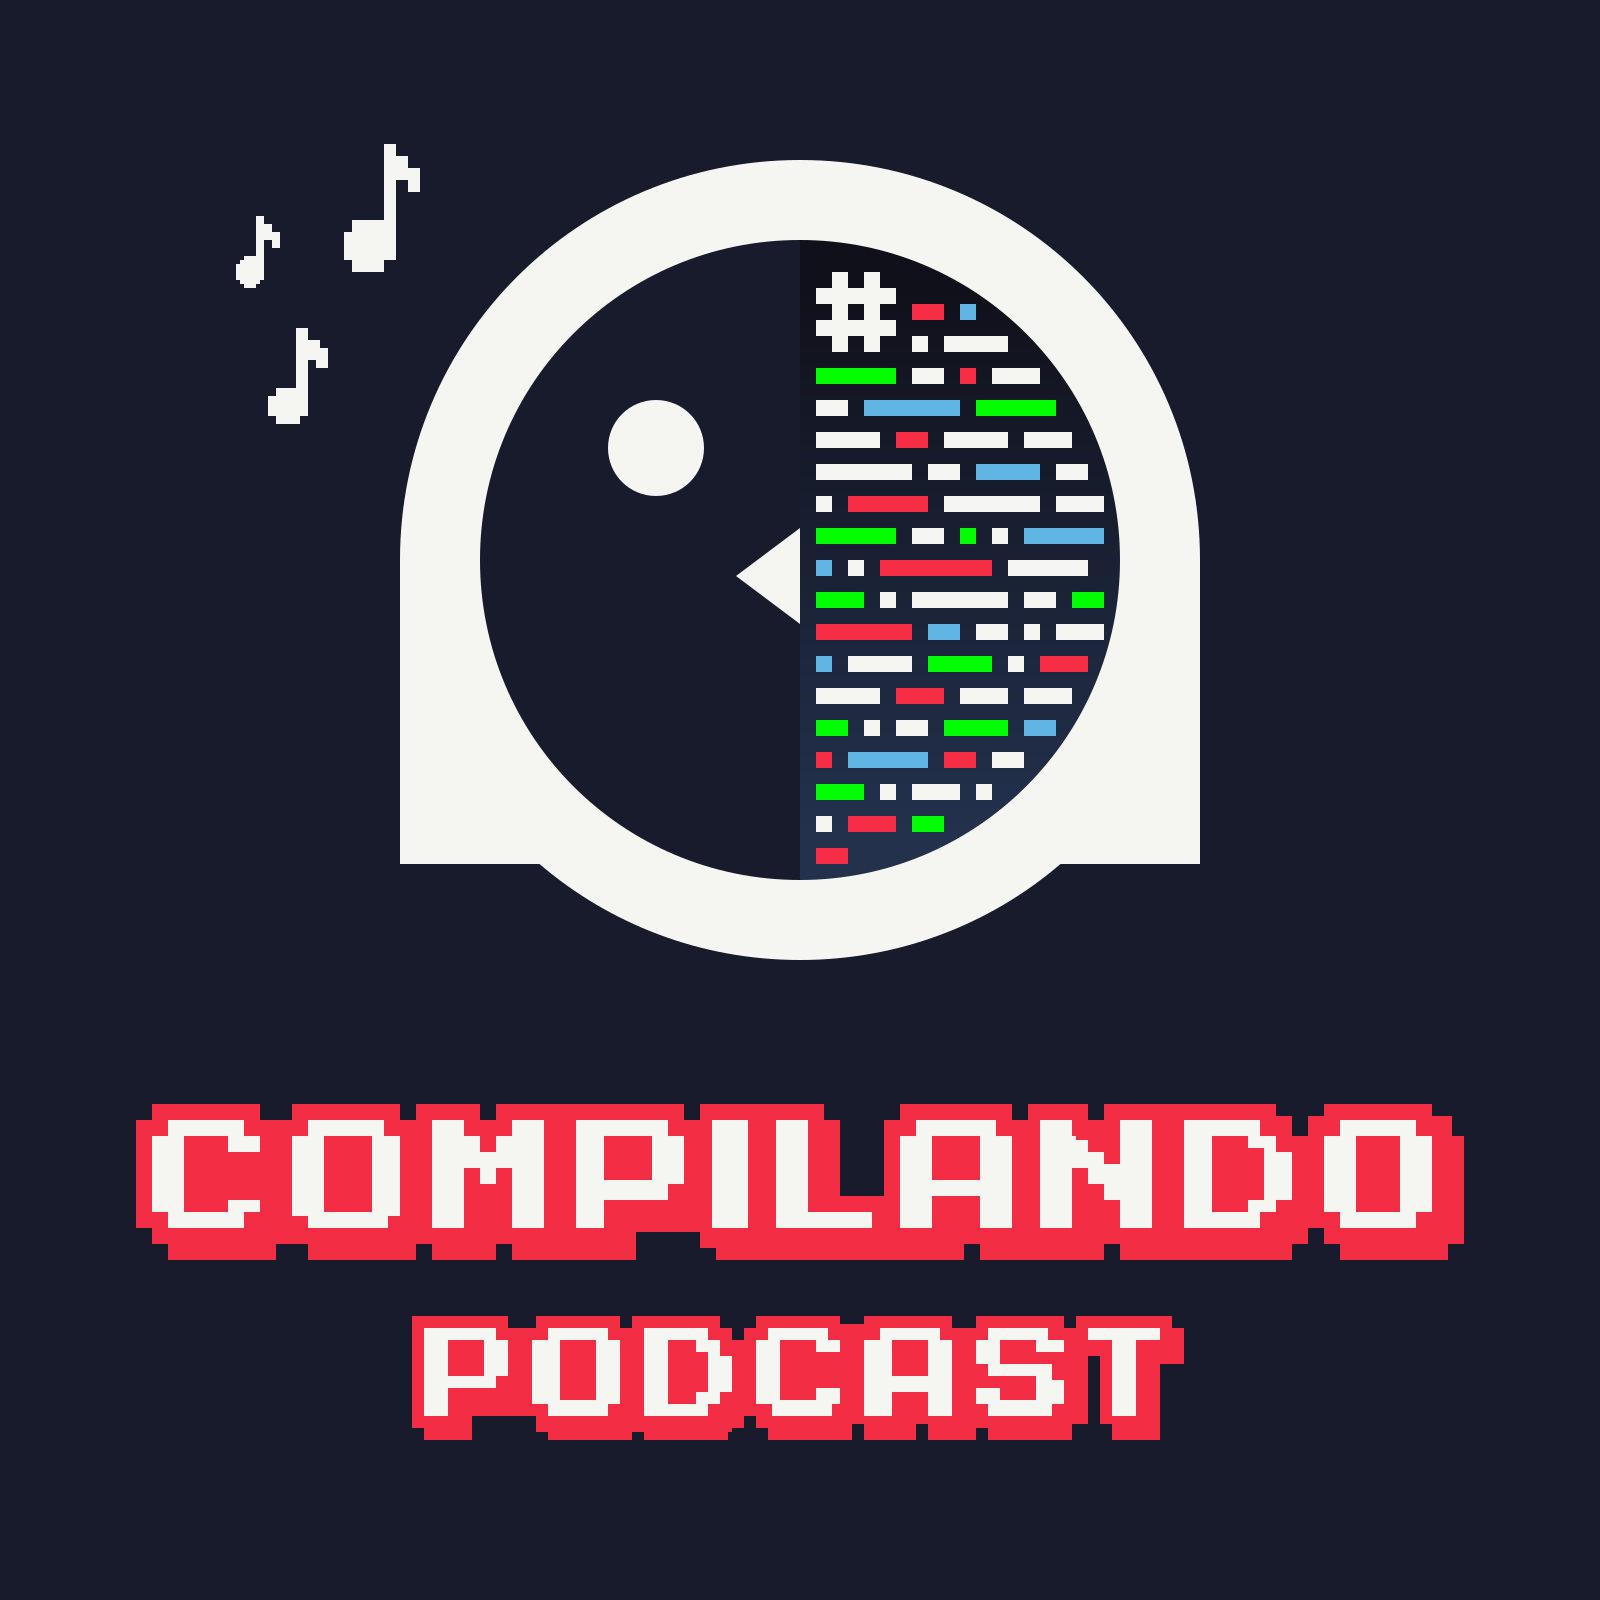 Compilando Podcast